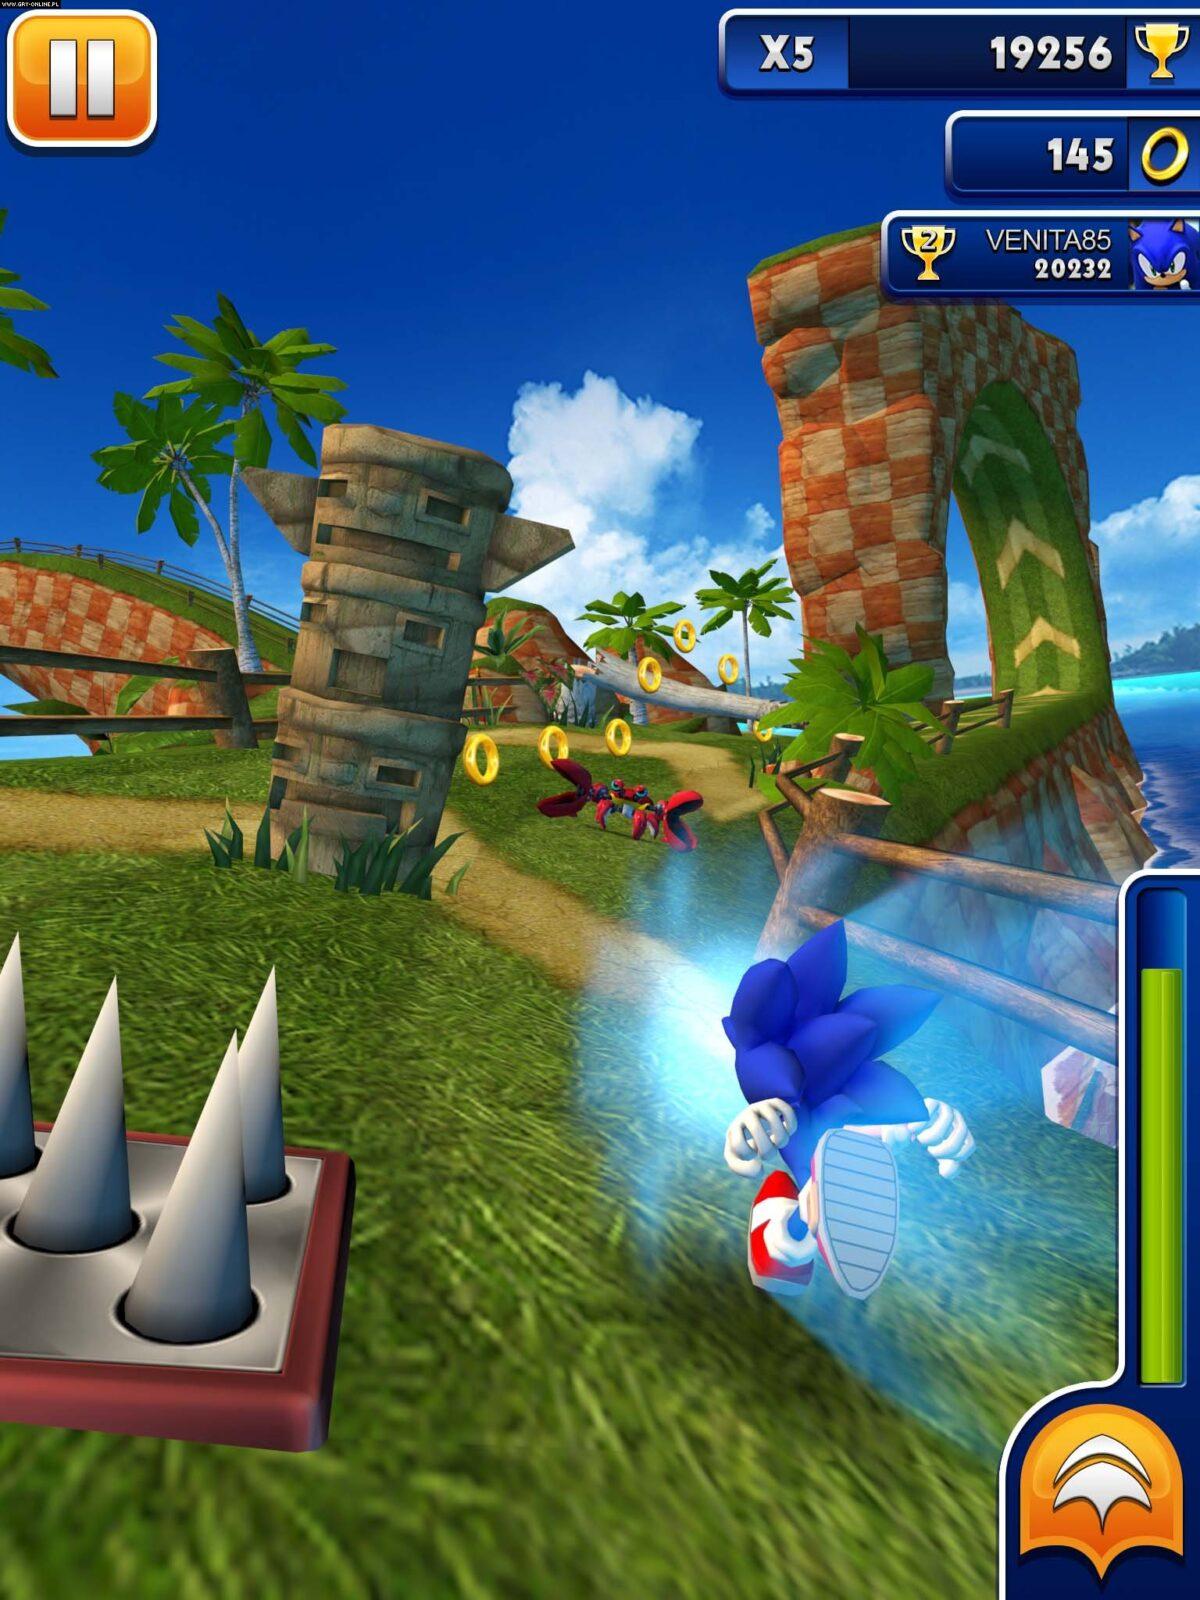 Скачать Sonic Dash на компьютер для Windows 7, 10